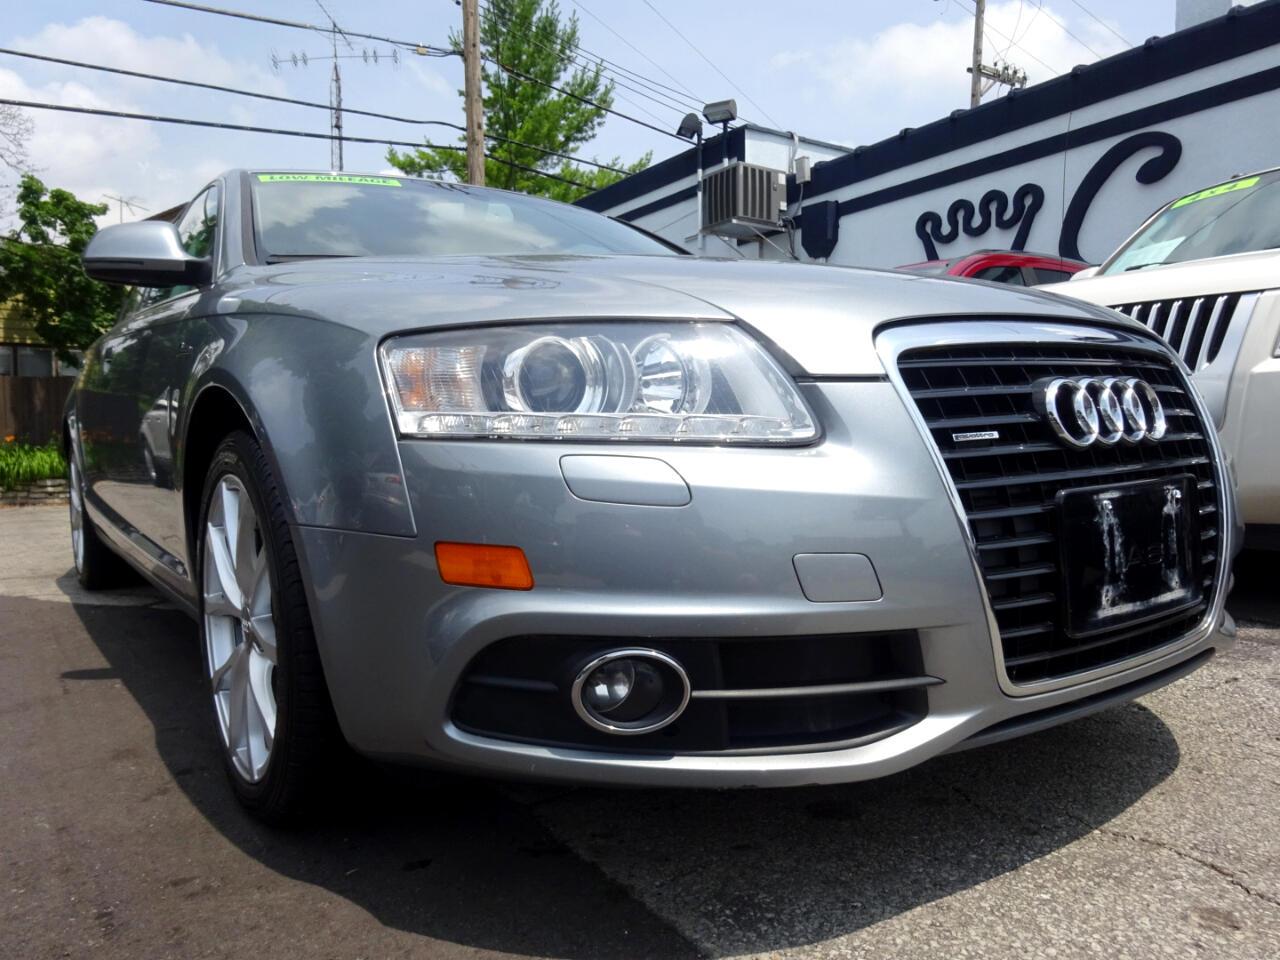 Audi A6 4dr Sdn quattro 3.0T Premium Plus 2011